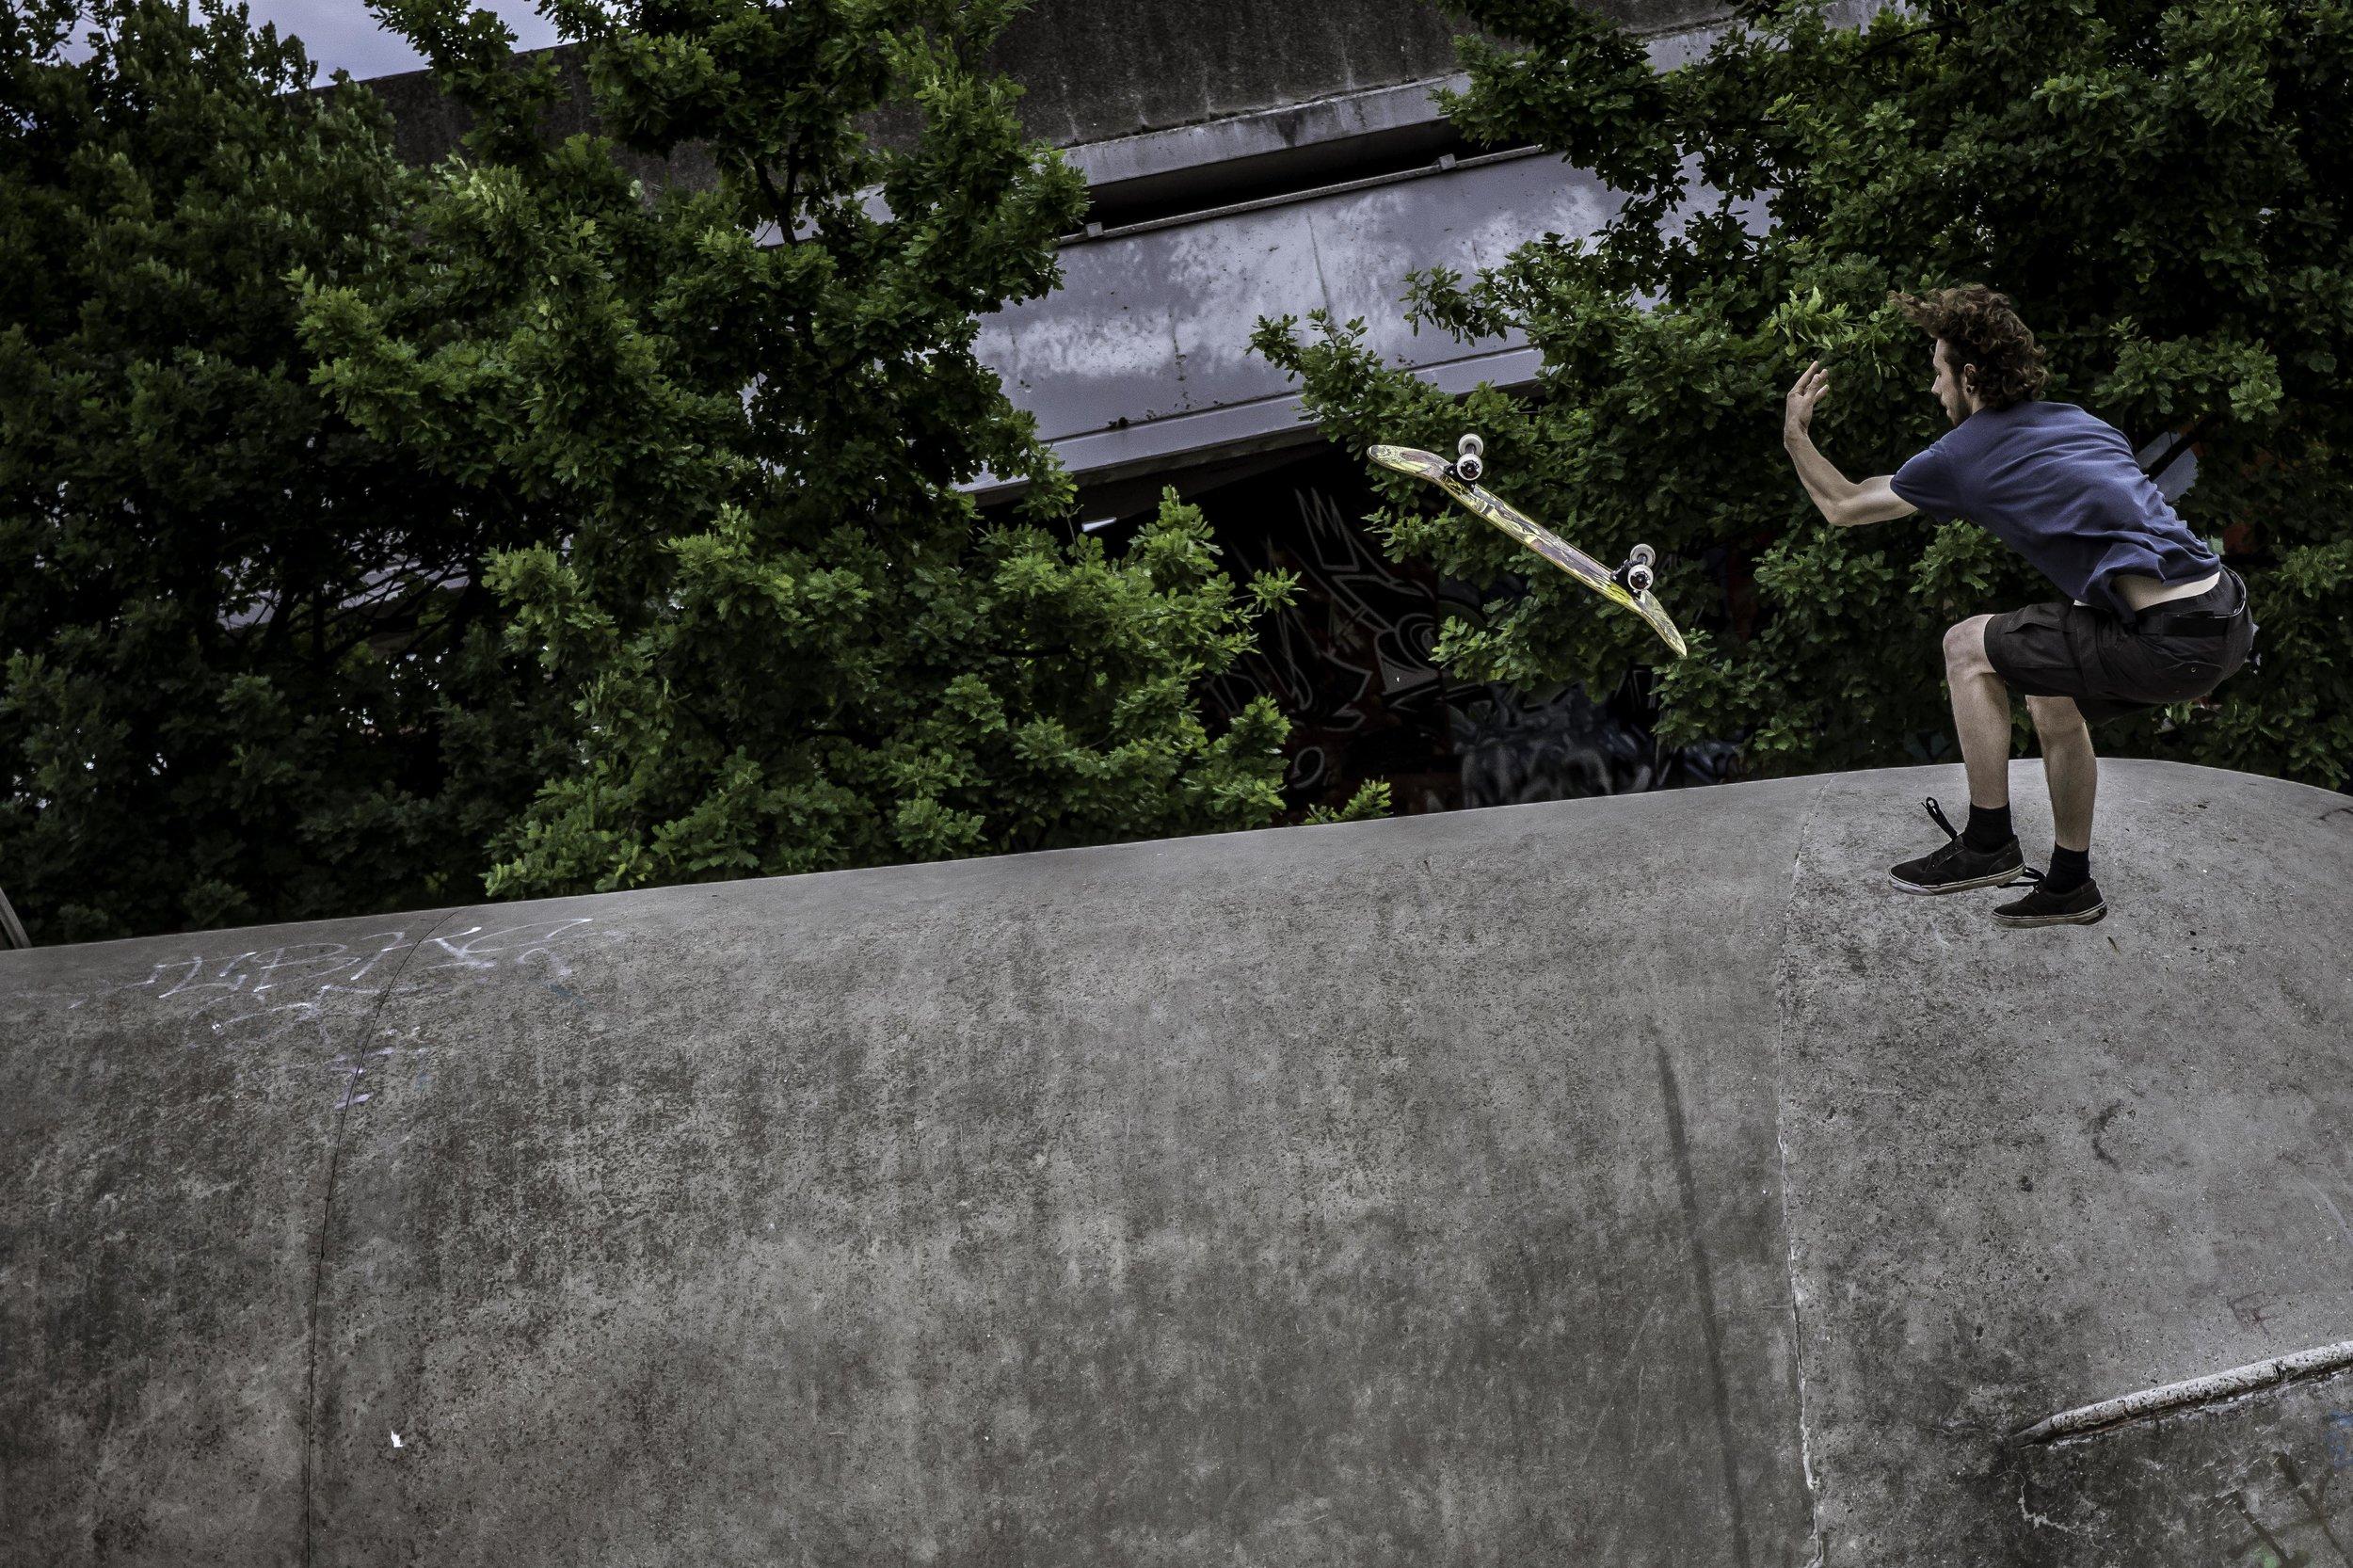 viewfinder-creativeboody-skaters-park-spoor-noord-antwerpen-straatfotografie-of-sportfotografie-2